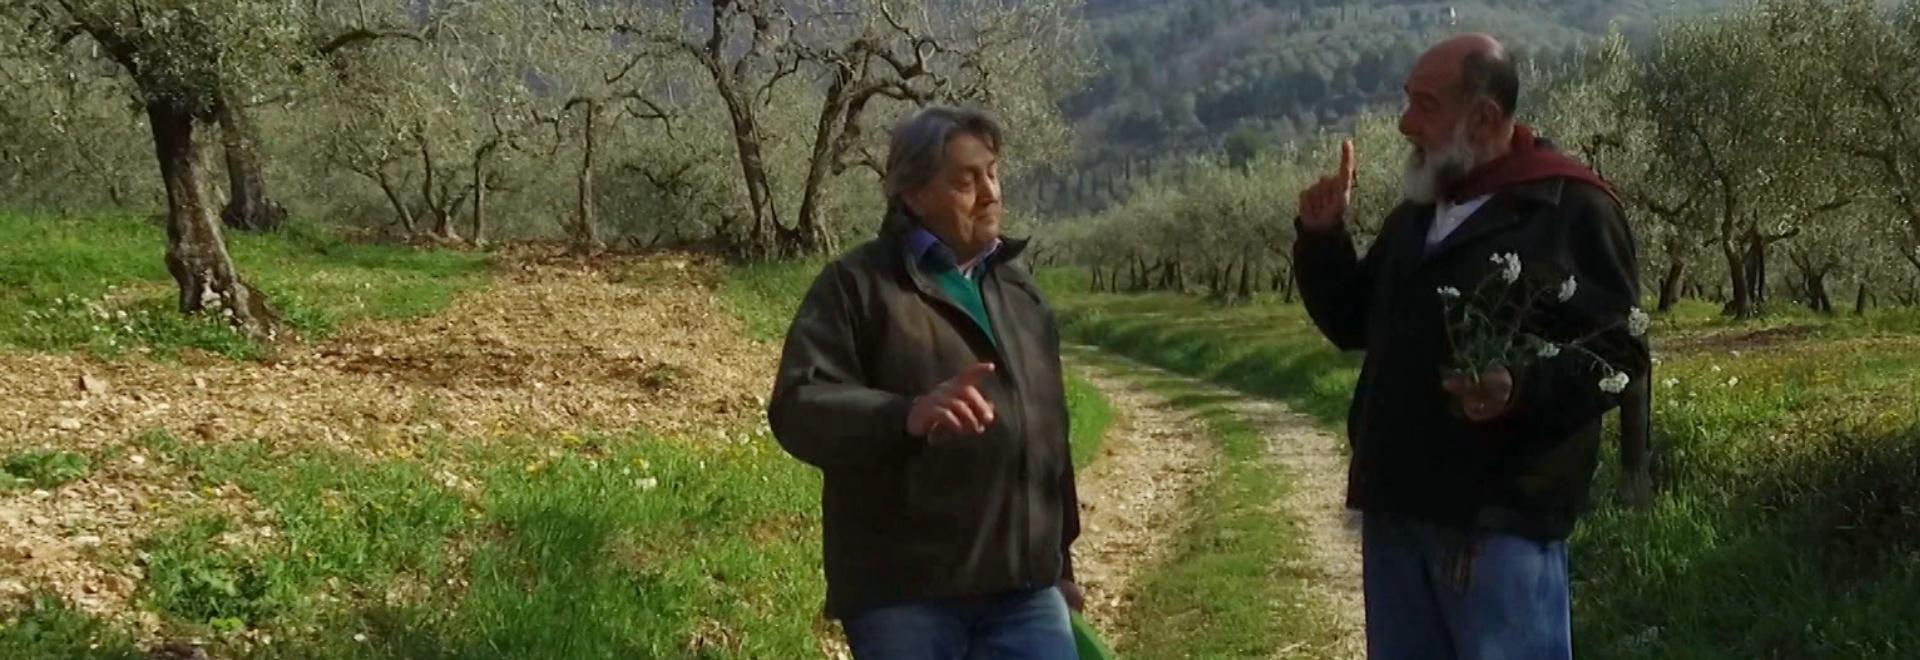 Giorgione: orto e cucina - Erbe spontanee